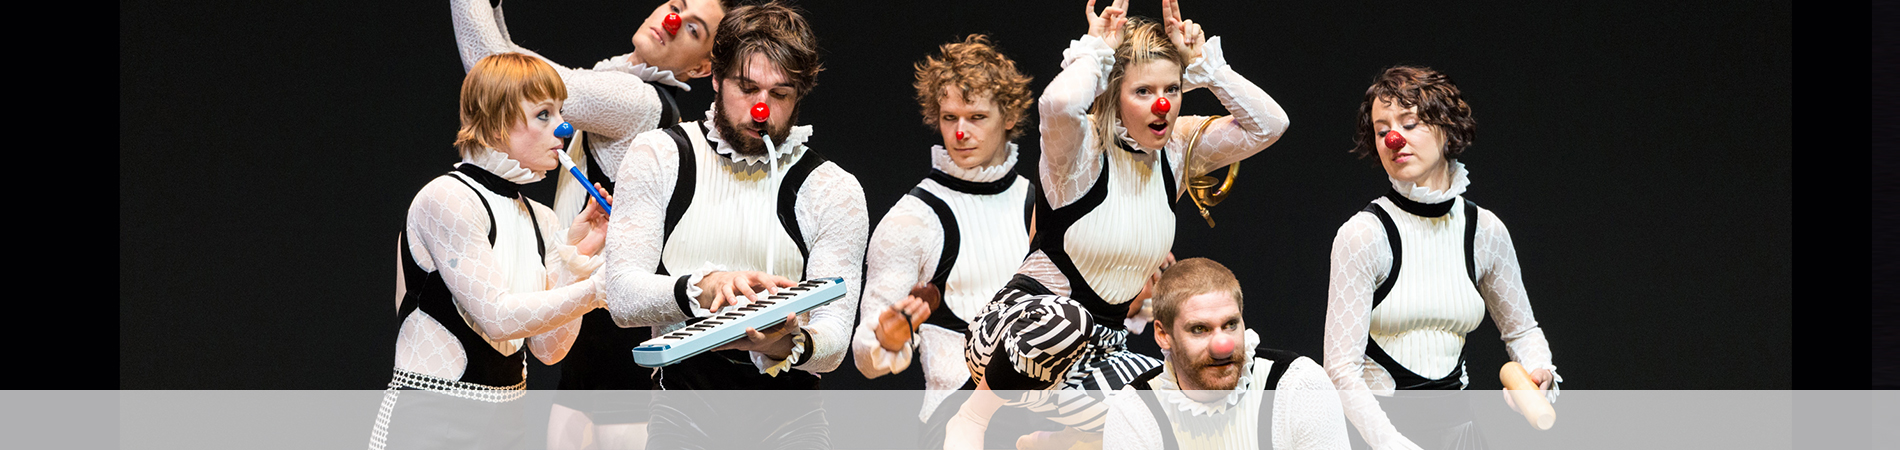 Circa Contemporary Circus